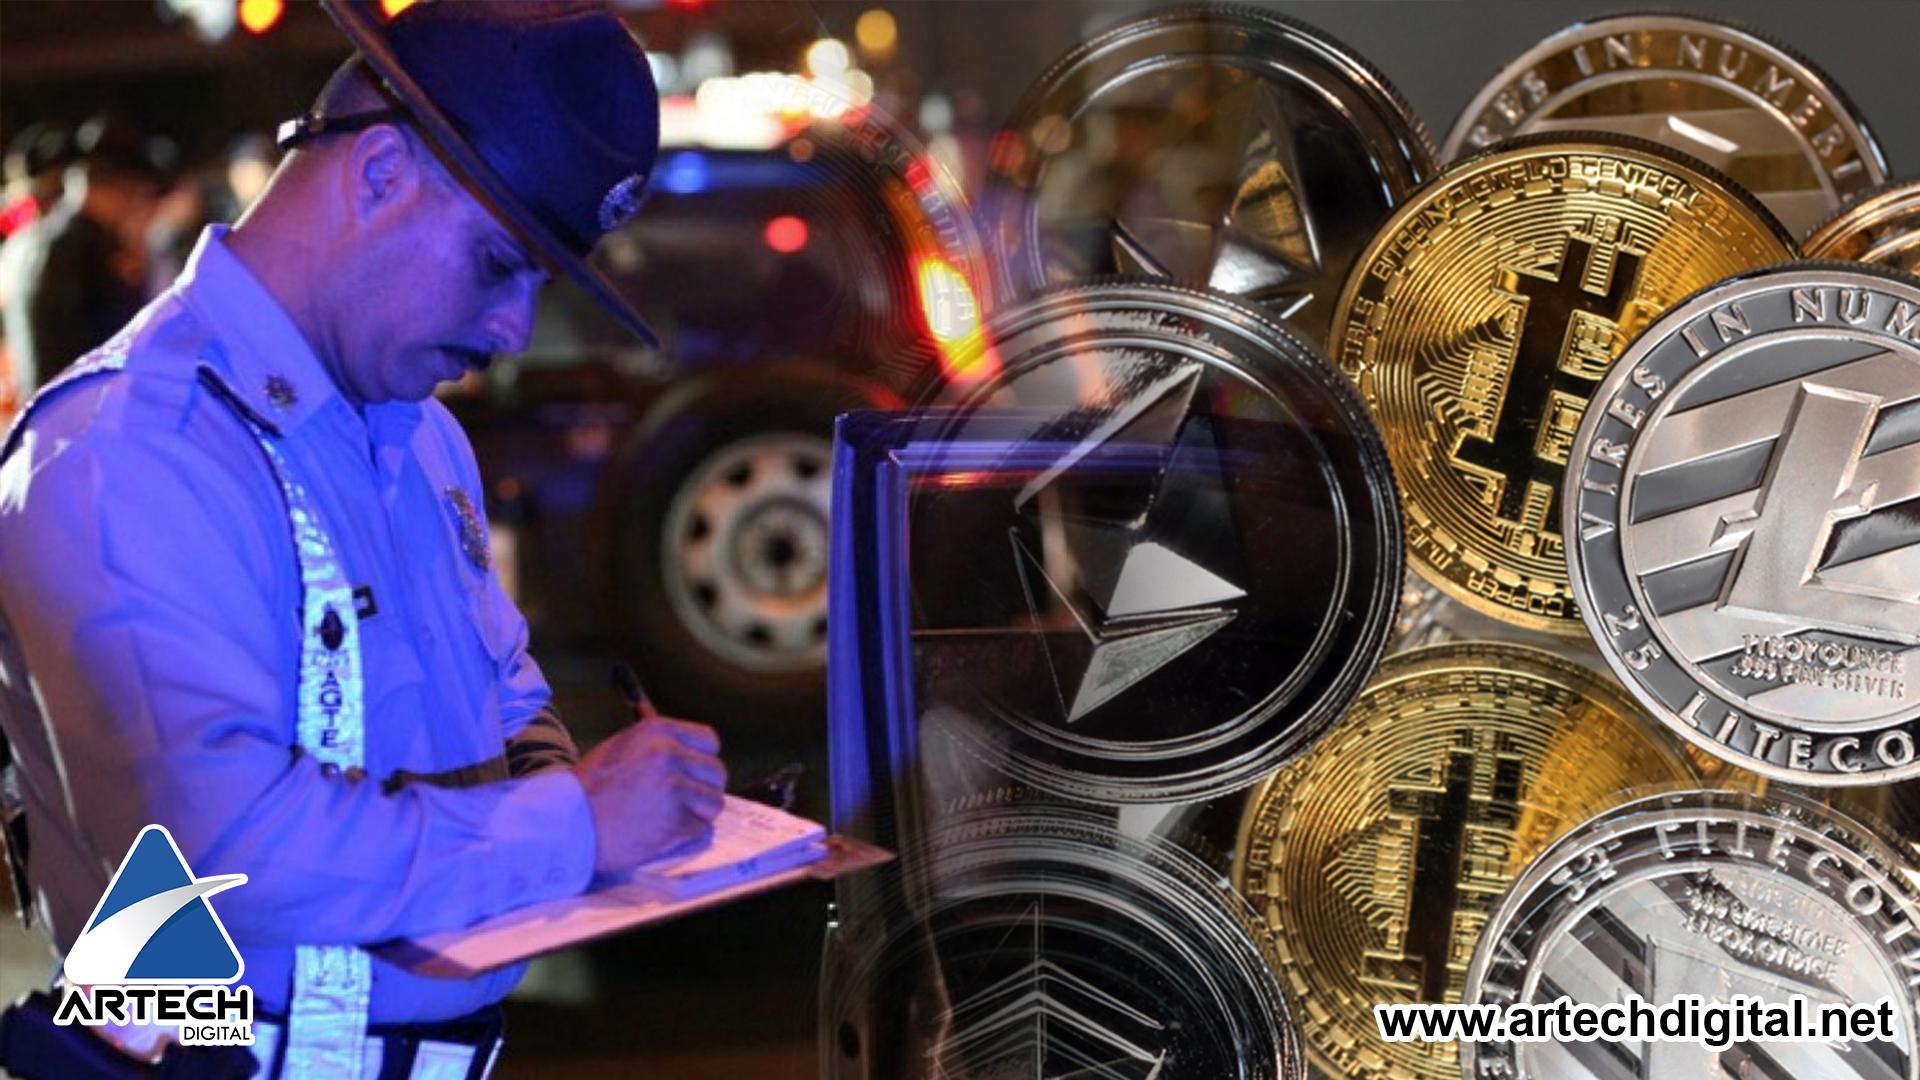 Al infringir la ley de tránsito, se empezaran a incautar las Criptomonedas en Japón